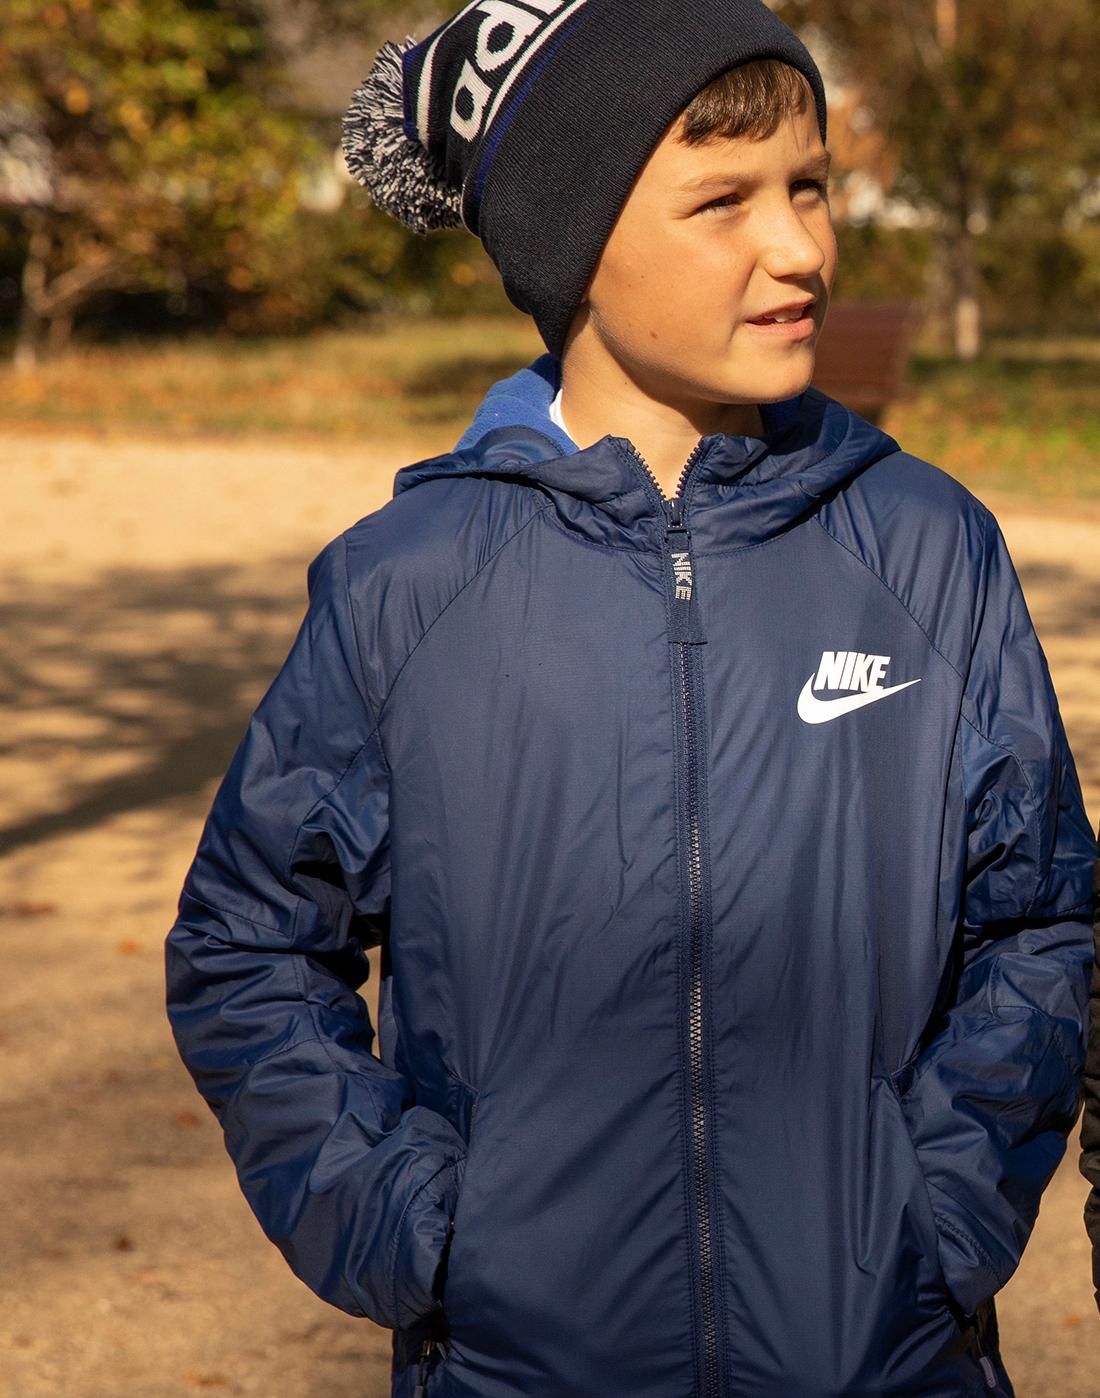 e2ad71a89e Nike Older Boys Fleece Jacket   Life Style Sports